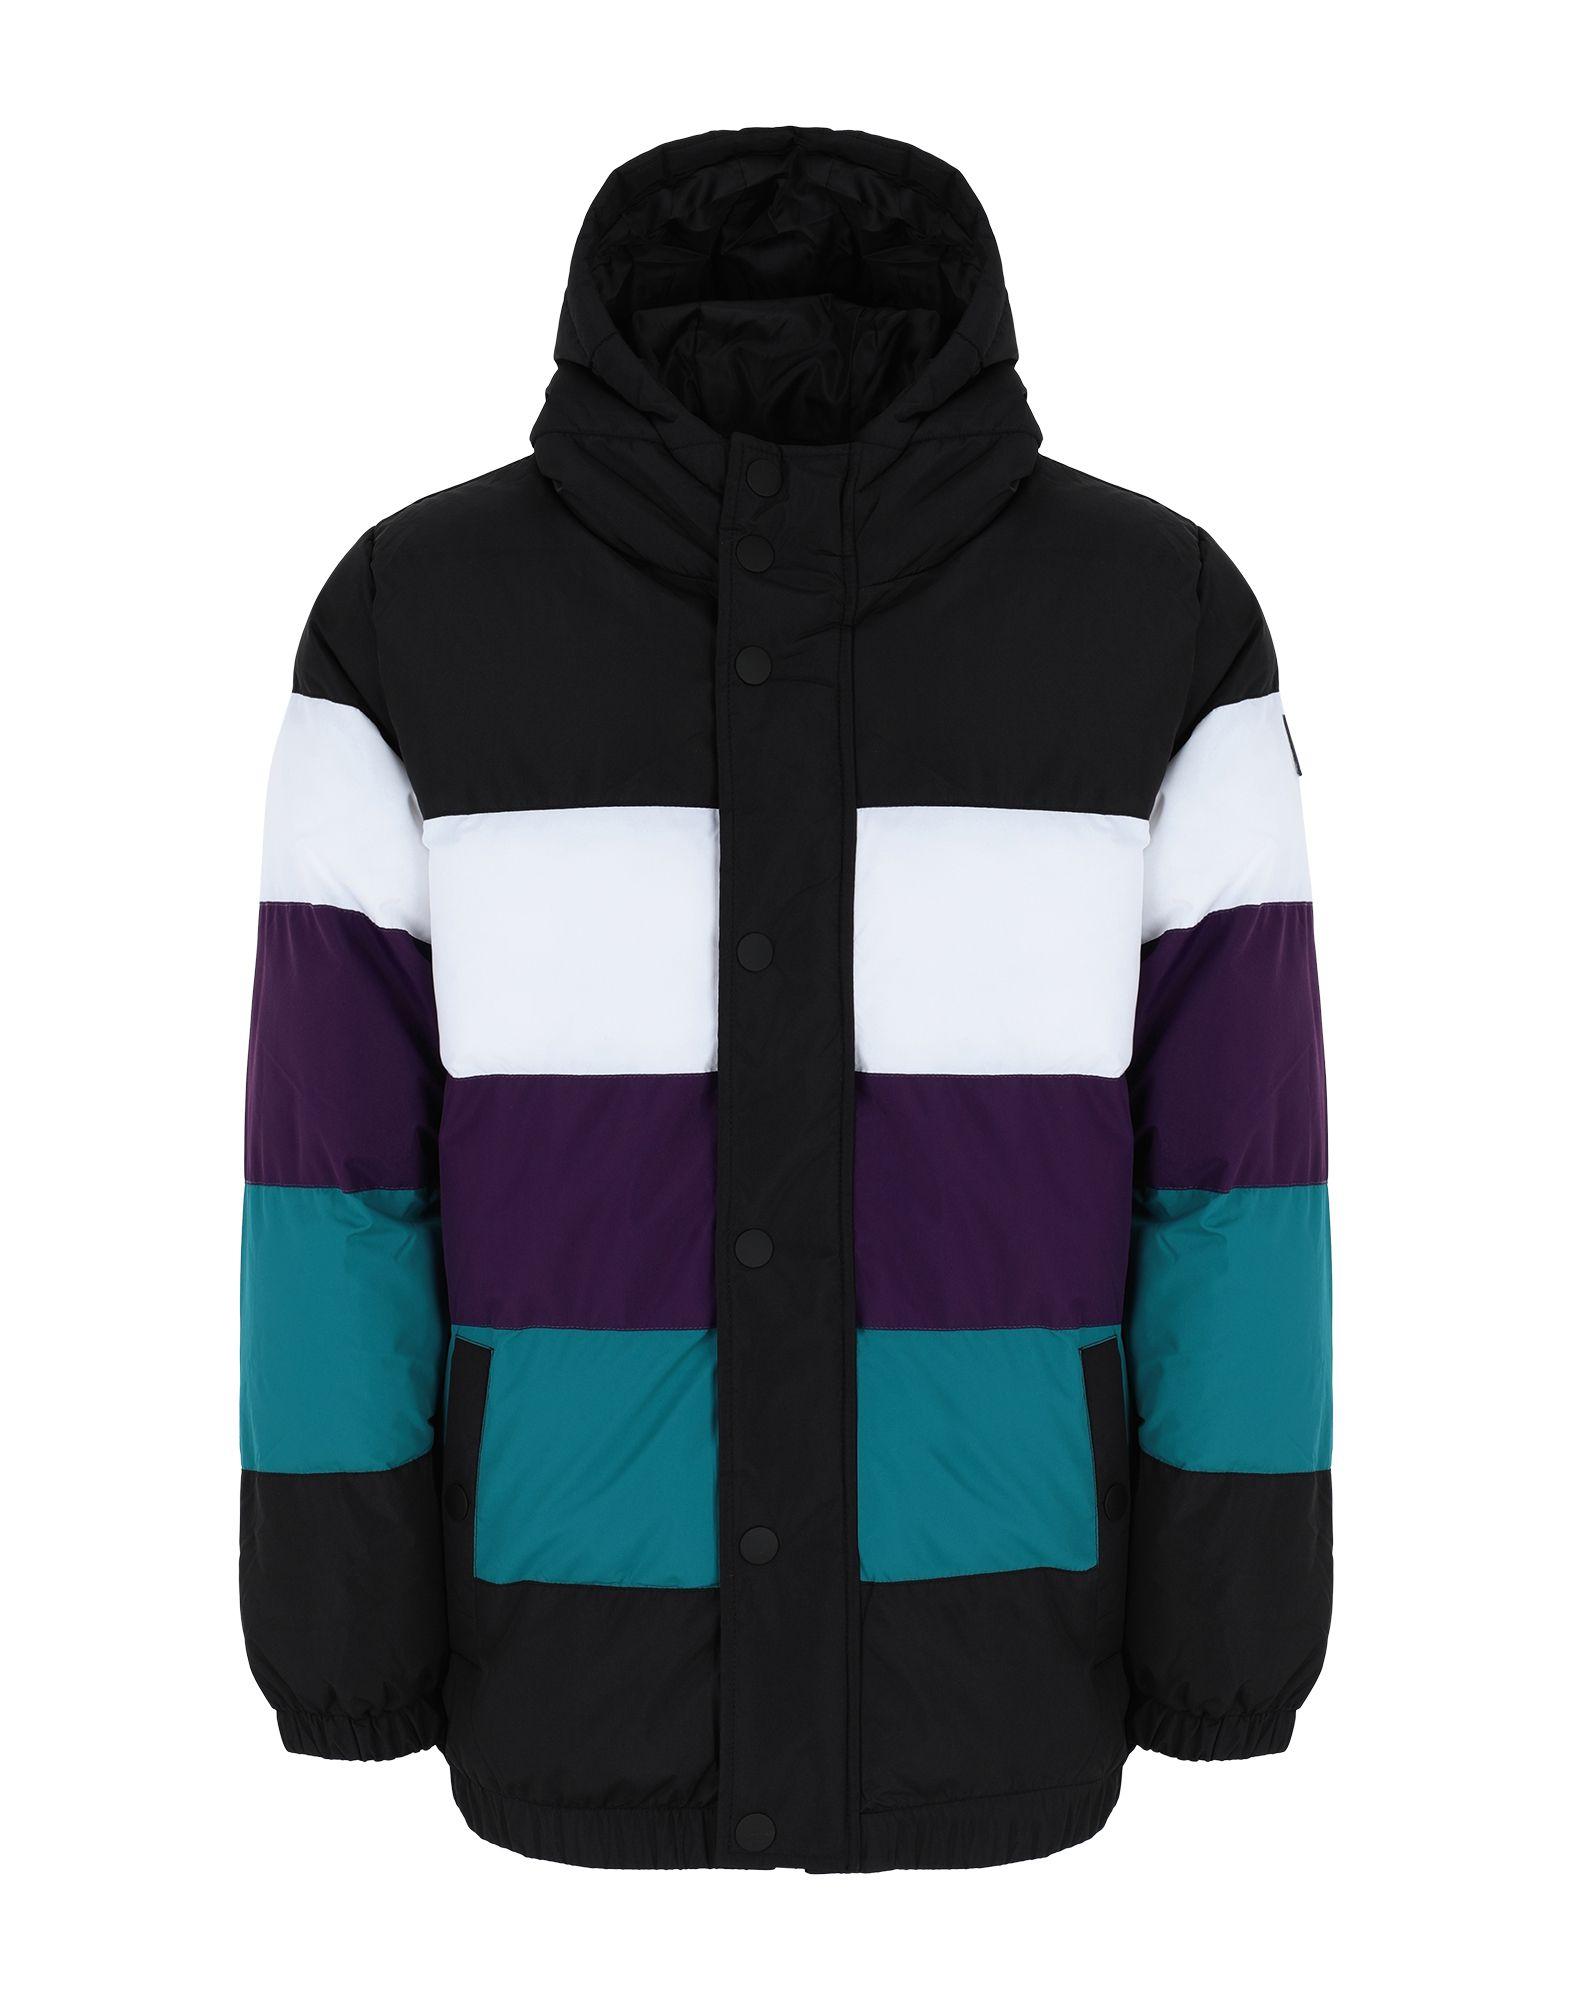 《セール開催中》FILA HERITAGE メンズ 合成繊維中綿アウター ブラック S ポリエステル 100% GIOVANNI vintage colour blocked puffa jacket